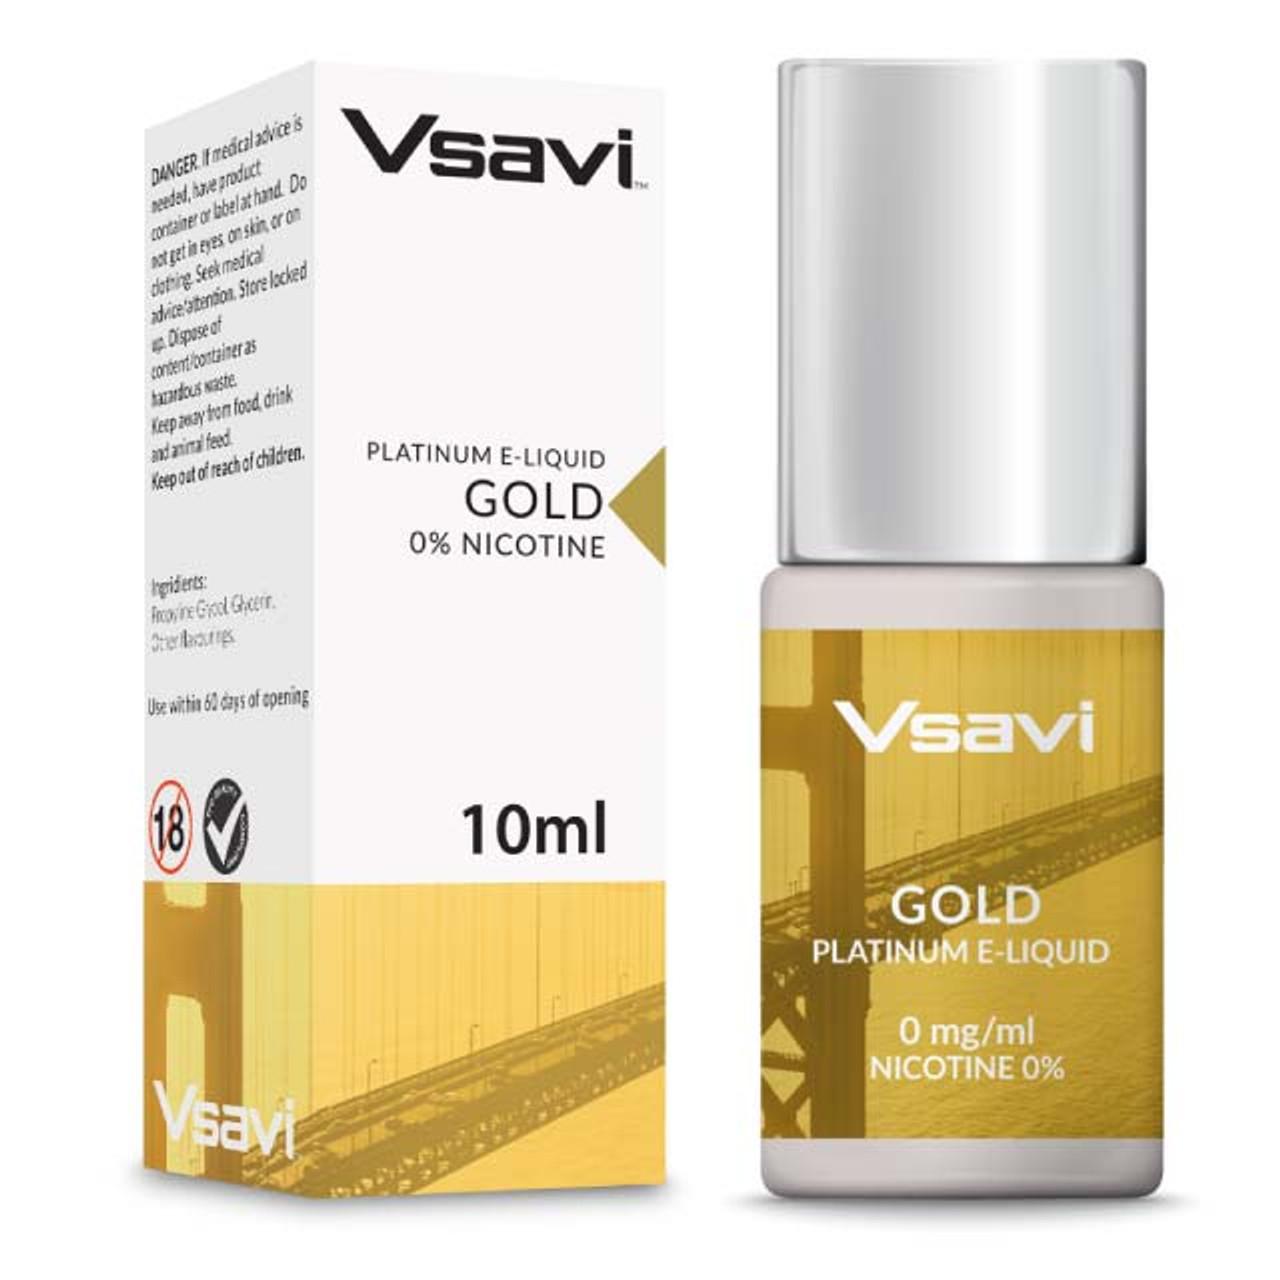 Gold Tobacco E-Liquid